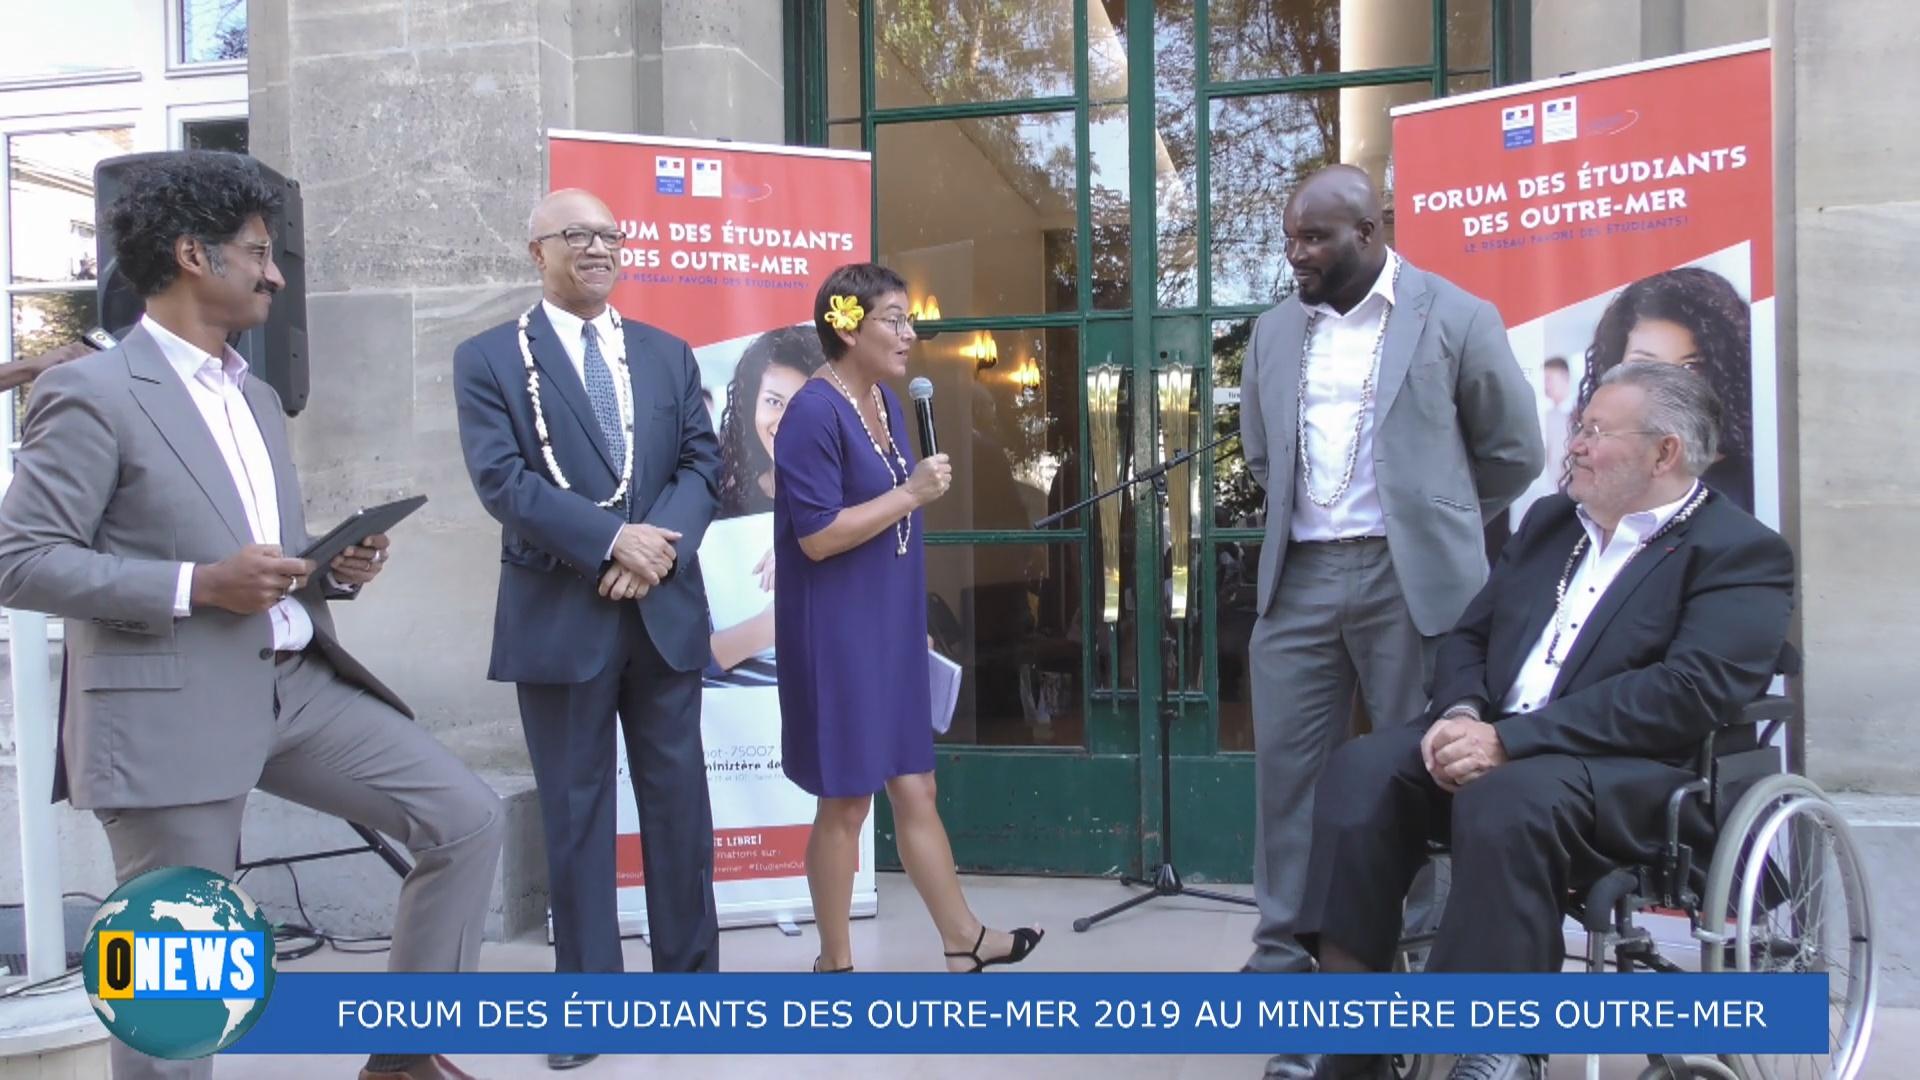 [Vidéo] HEXAGONE. Forum des étudiants des Outre mer 2019